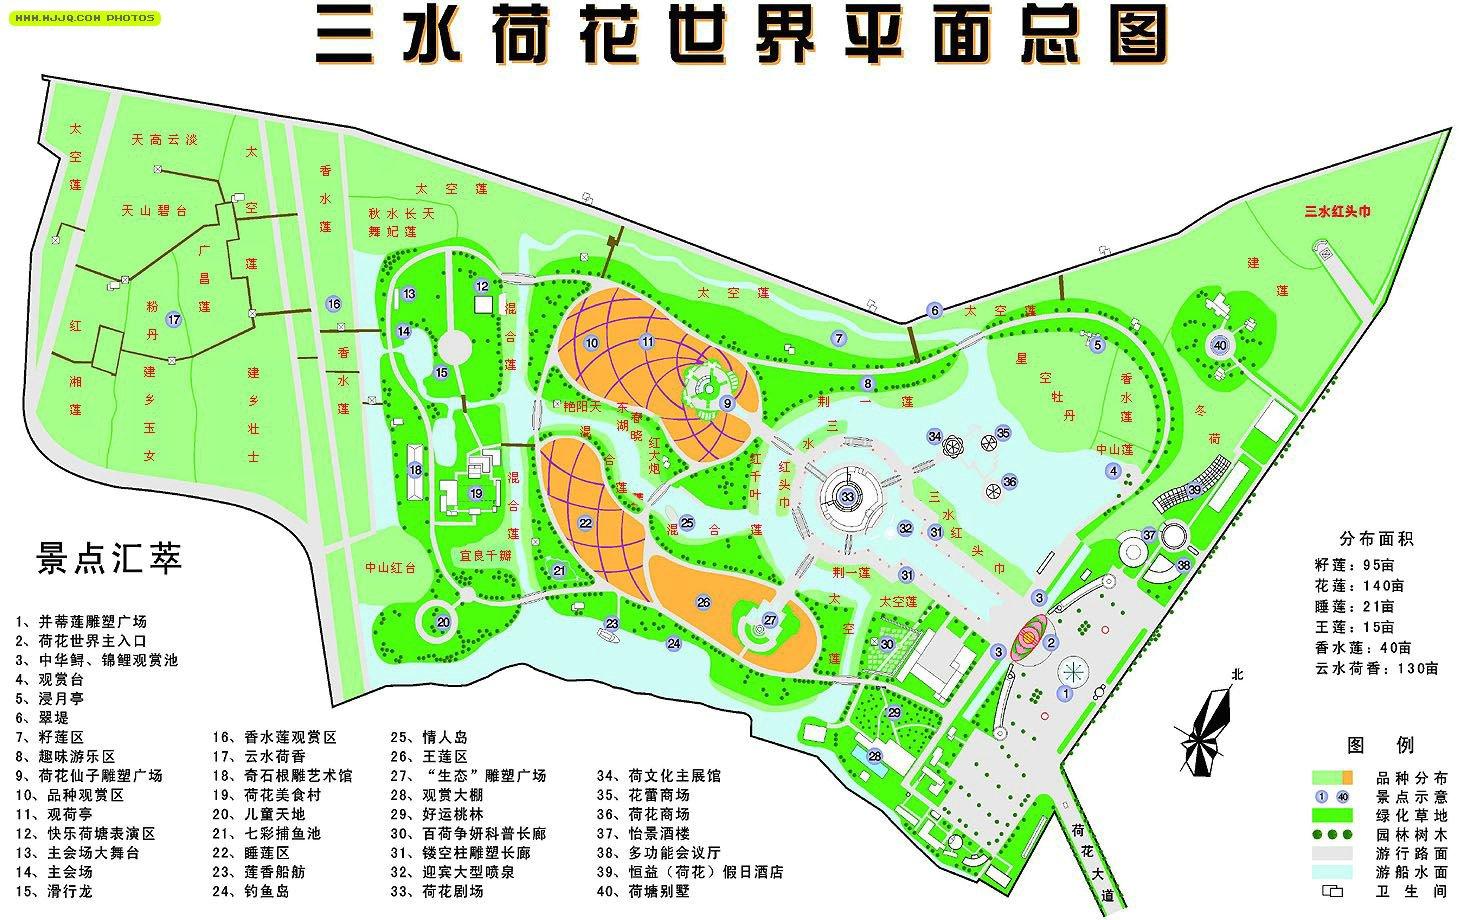 三水荷花世界導遊圖 - 廣東地圖 Guangdong Map - 美景旅遊網